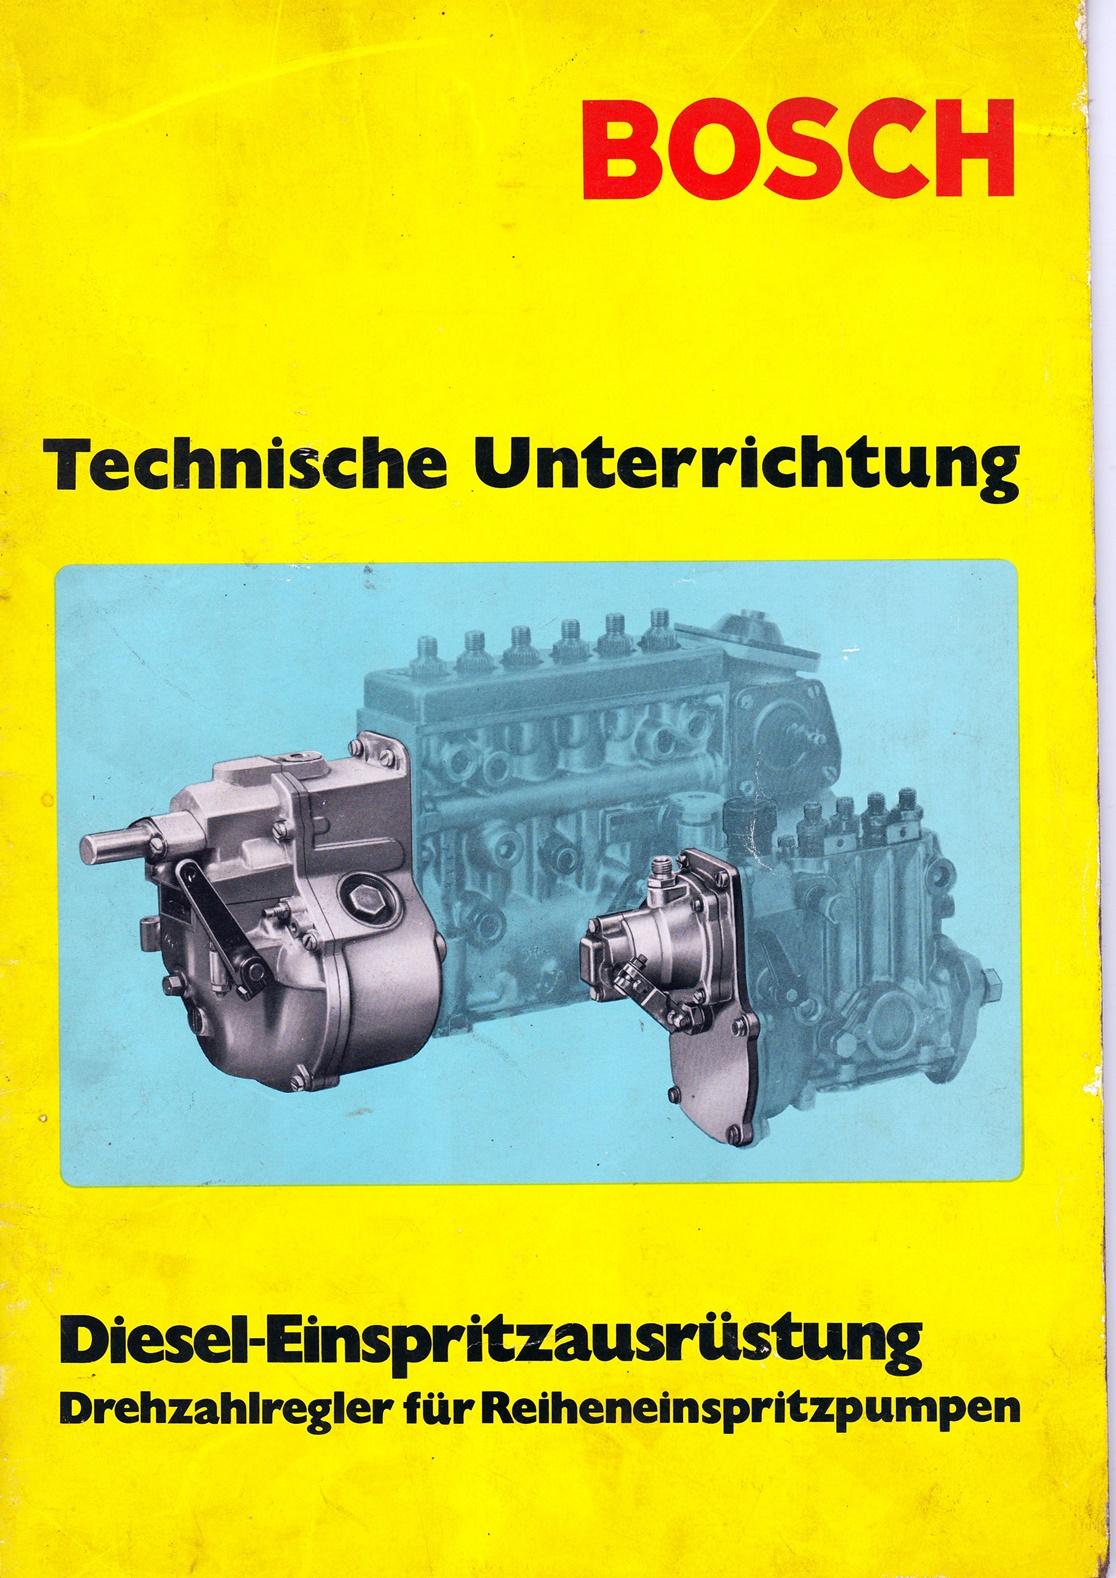 Bosch Technische Unterrichtung